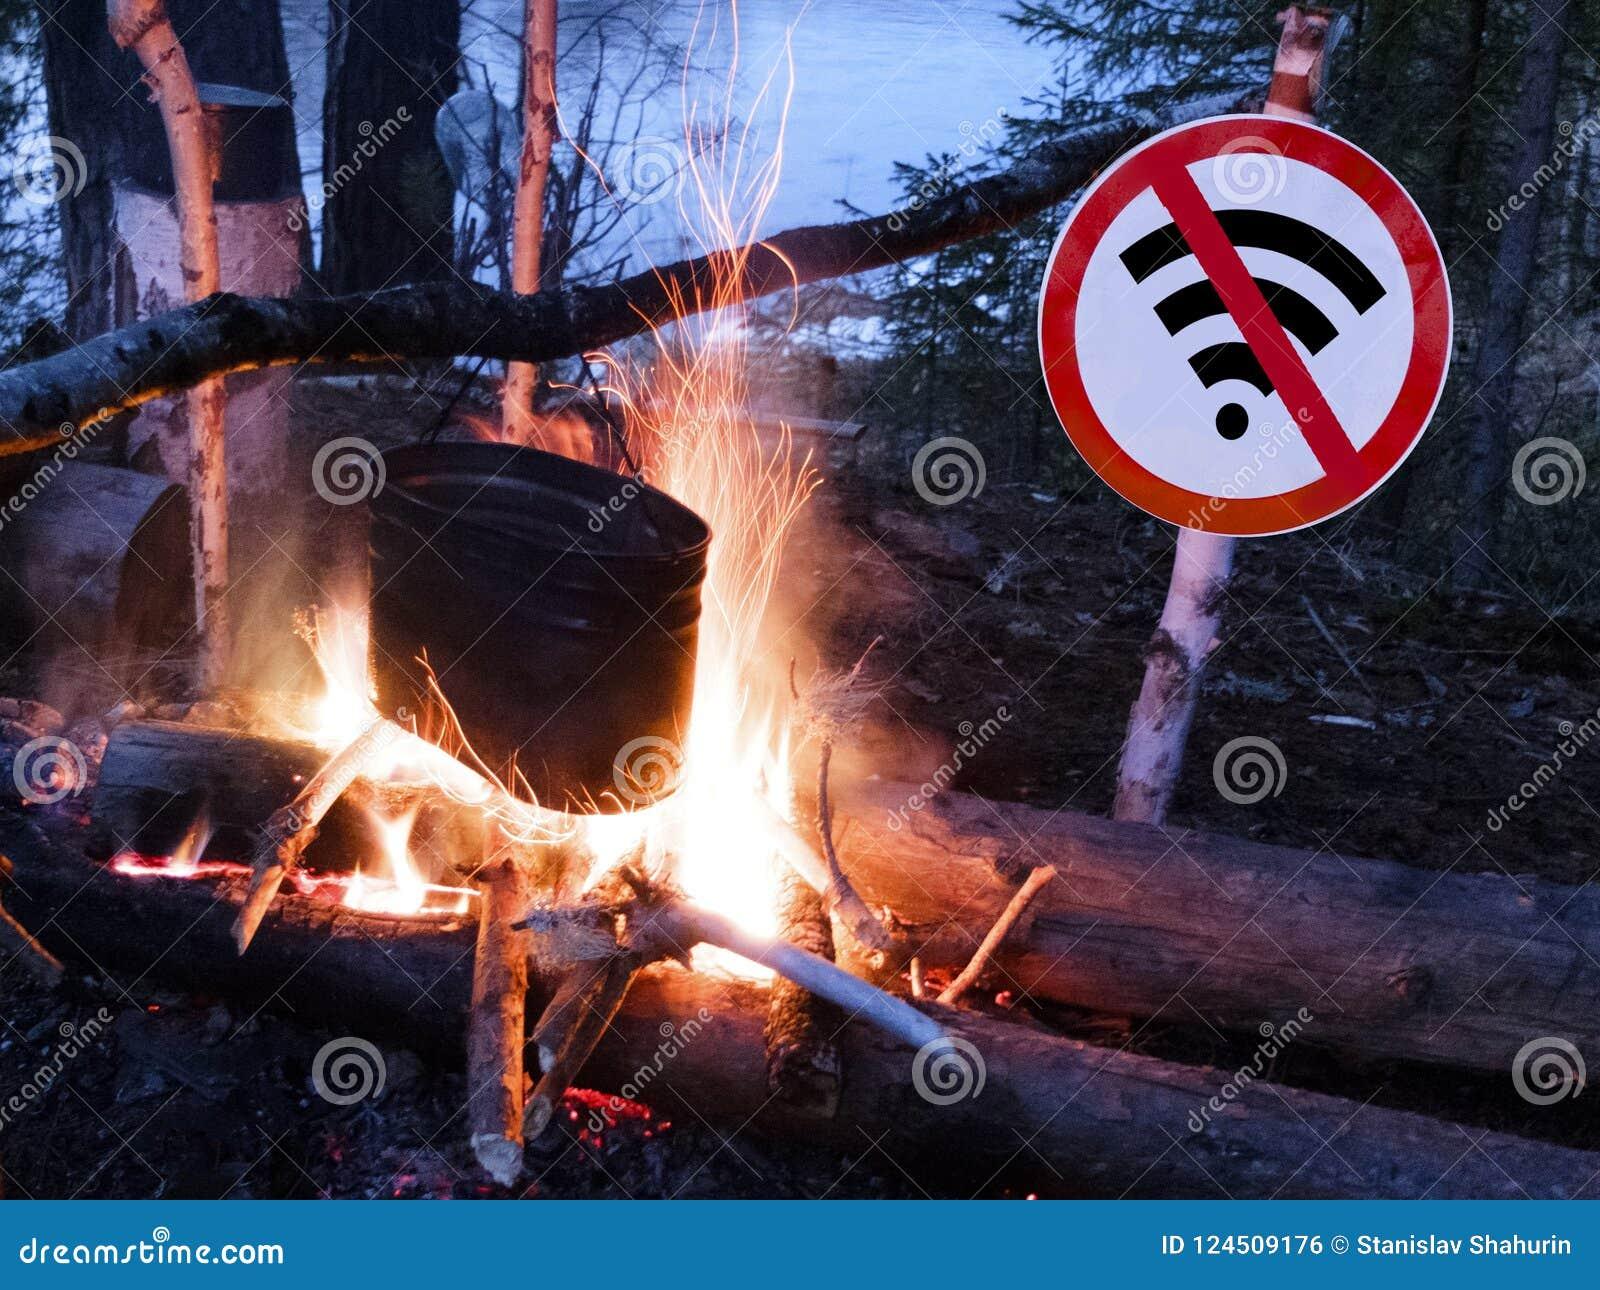 Det inget wifitecknet nära branden och krukan på stranden digitalt detoxbegrepp och avbrott från teknologi